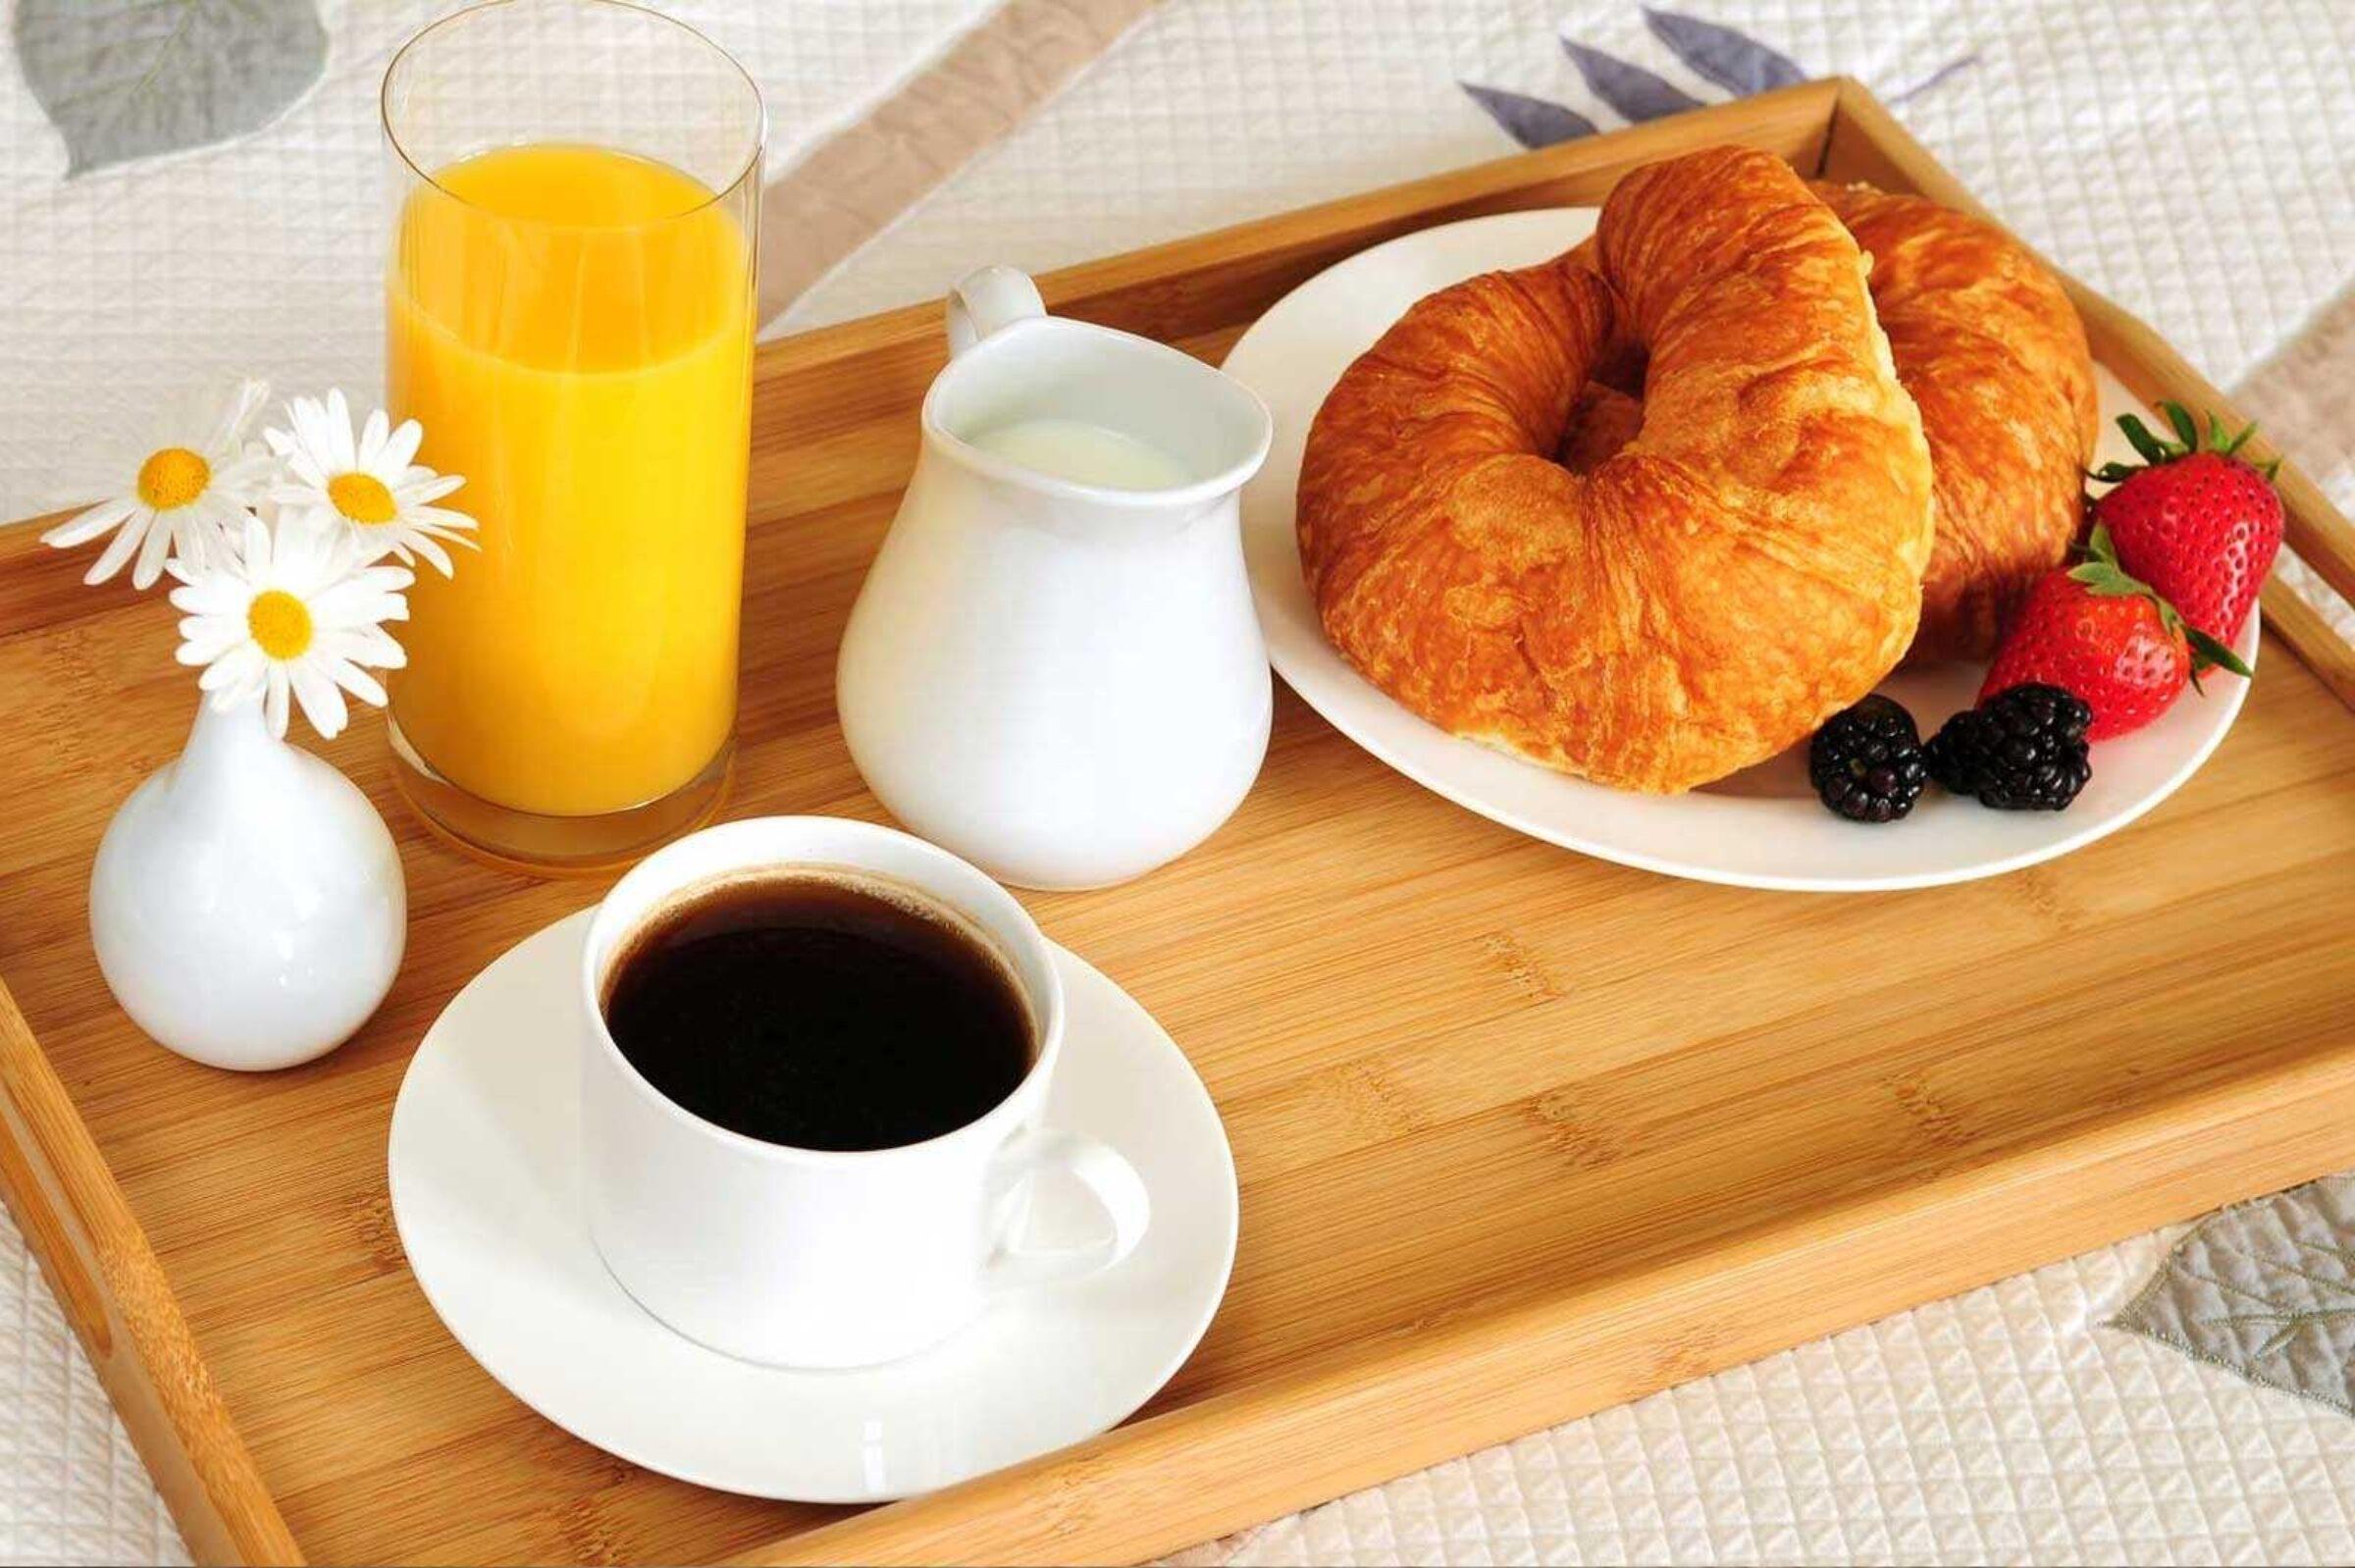 Bed & breakfast zandvoort enschede